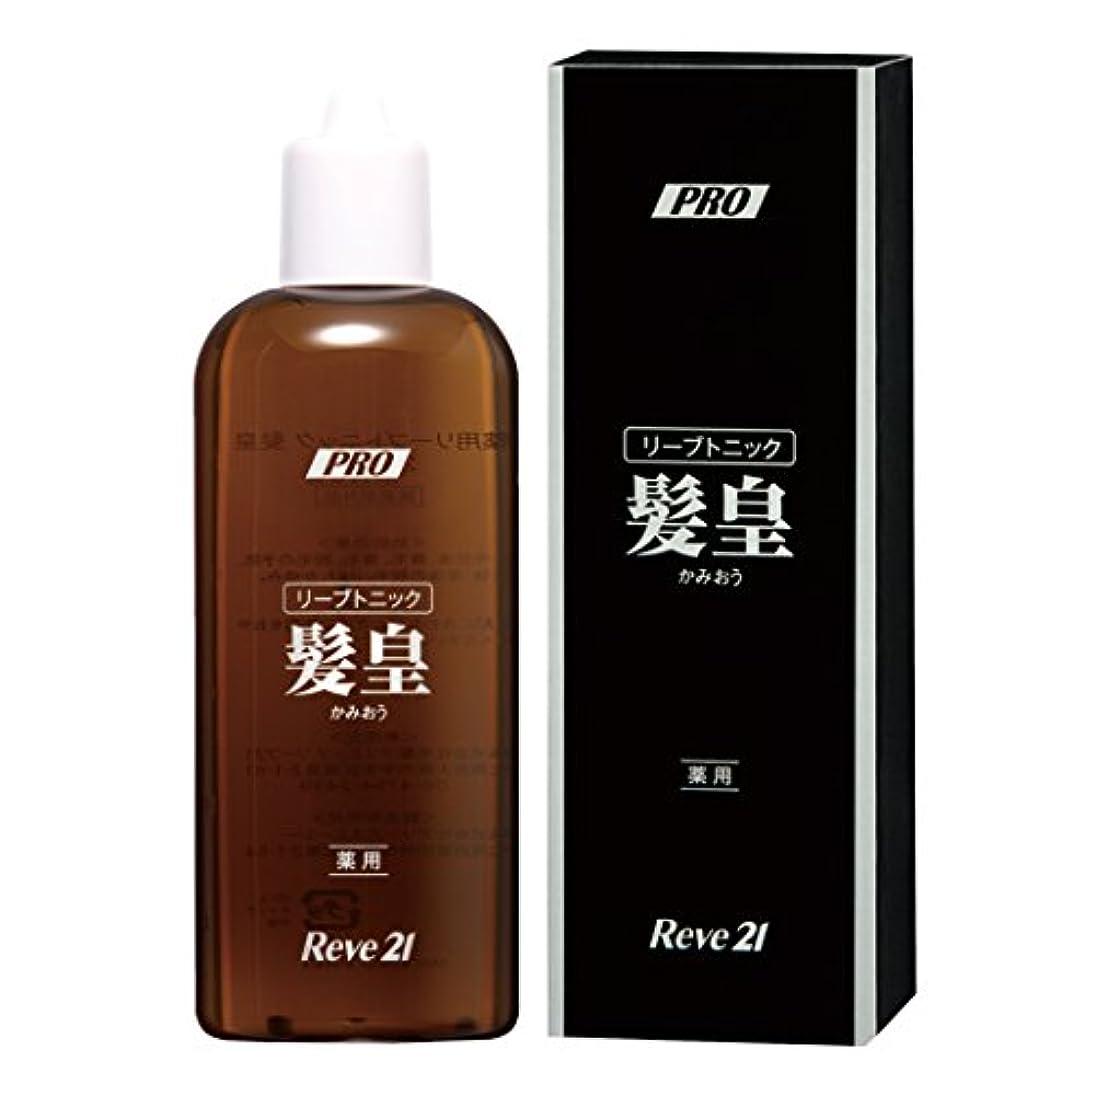 献身ゴールデン技術的なリーブ21 薬用リーブトニック髪皇 250ml 薬用 薬用シャンプー 育毛 育毛シャンプー